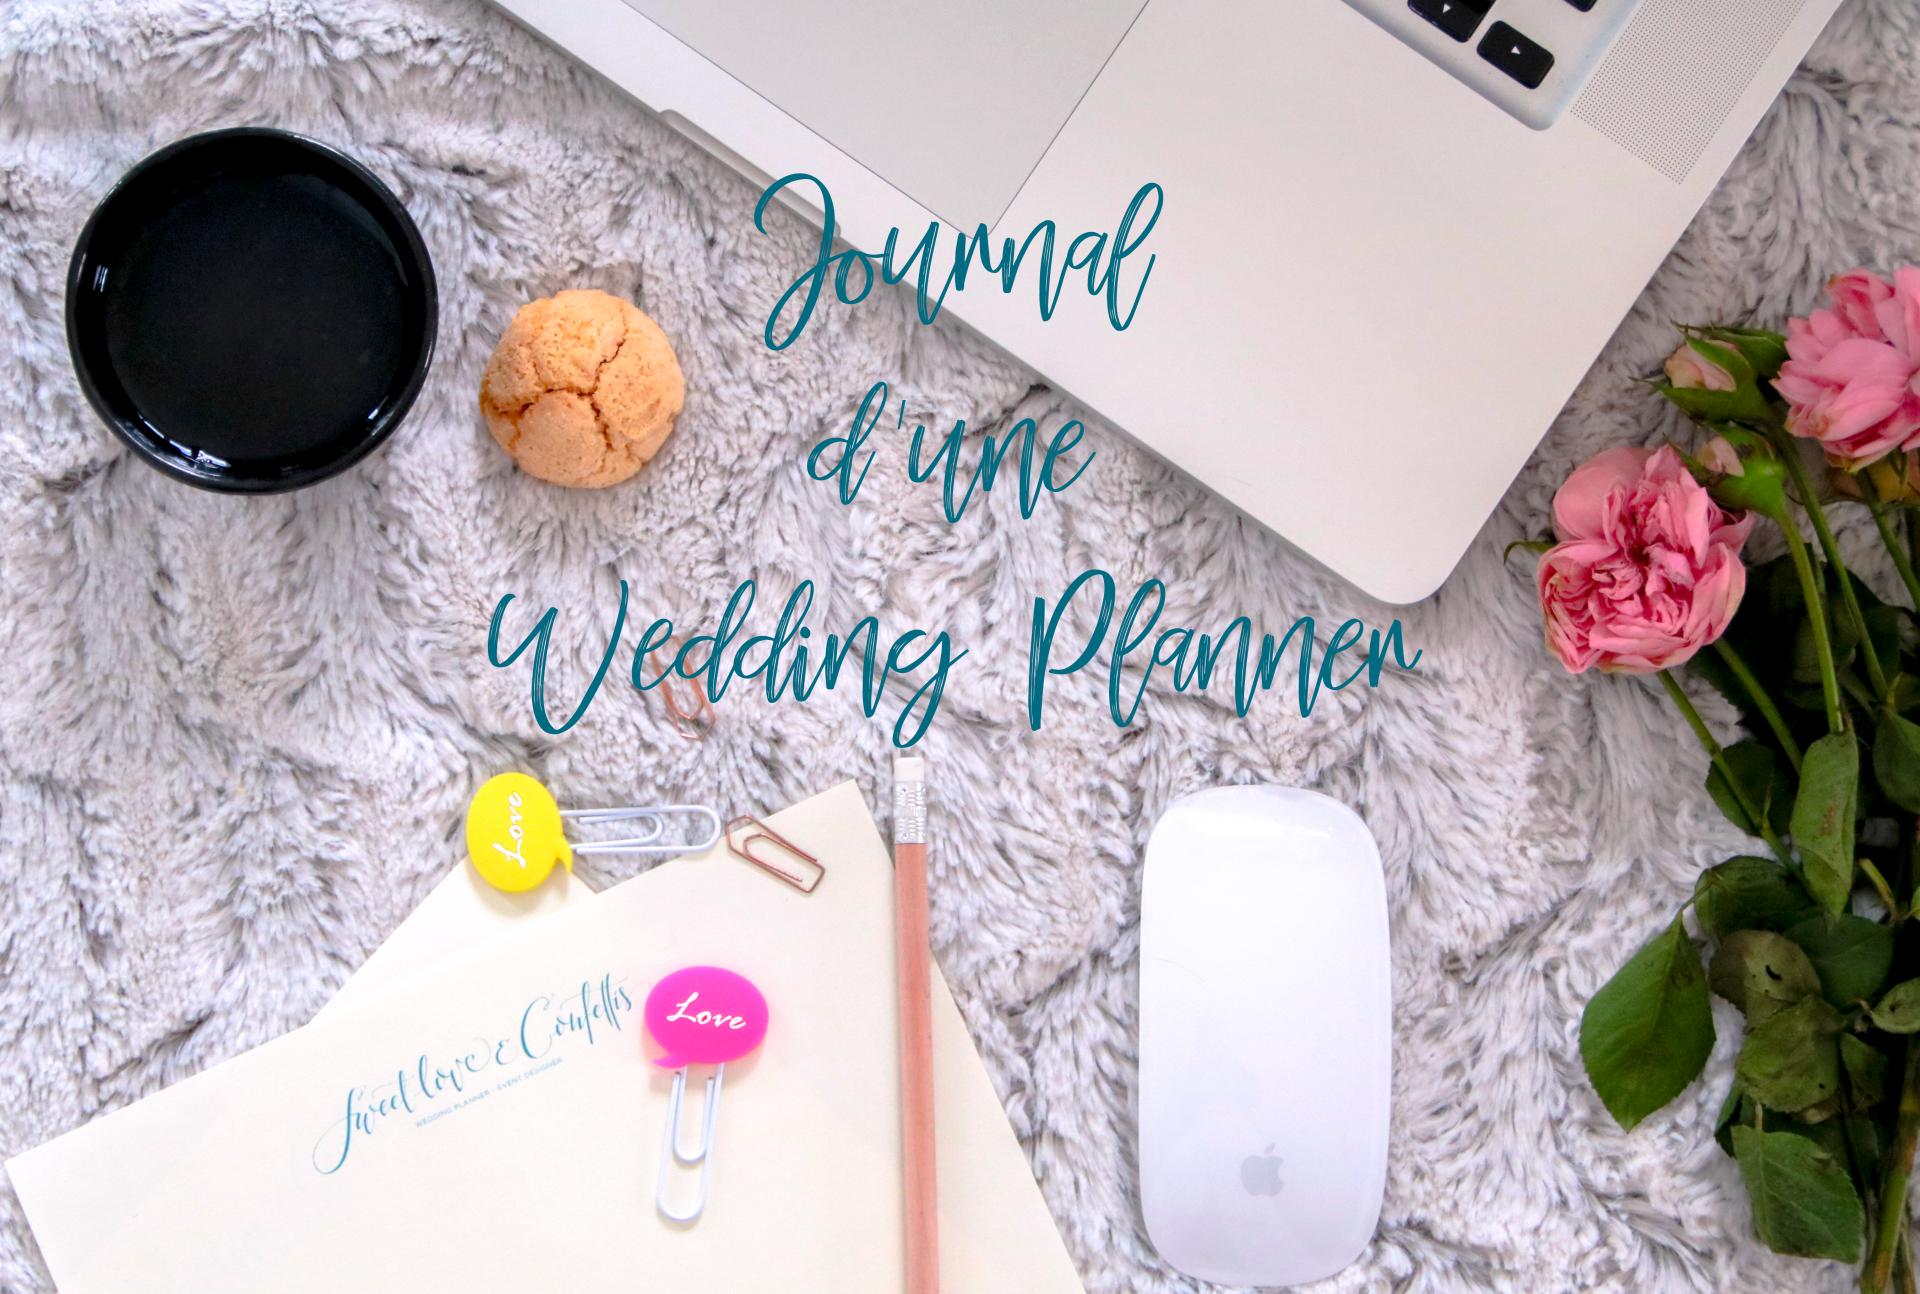 newxxxxx - Découvrez votre Wedding Planner - Wedding planner - Organisation de Mariage en France, au Luxembourg, en italie, en provence, à la montagne